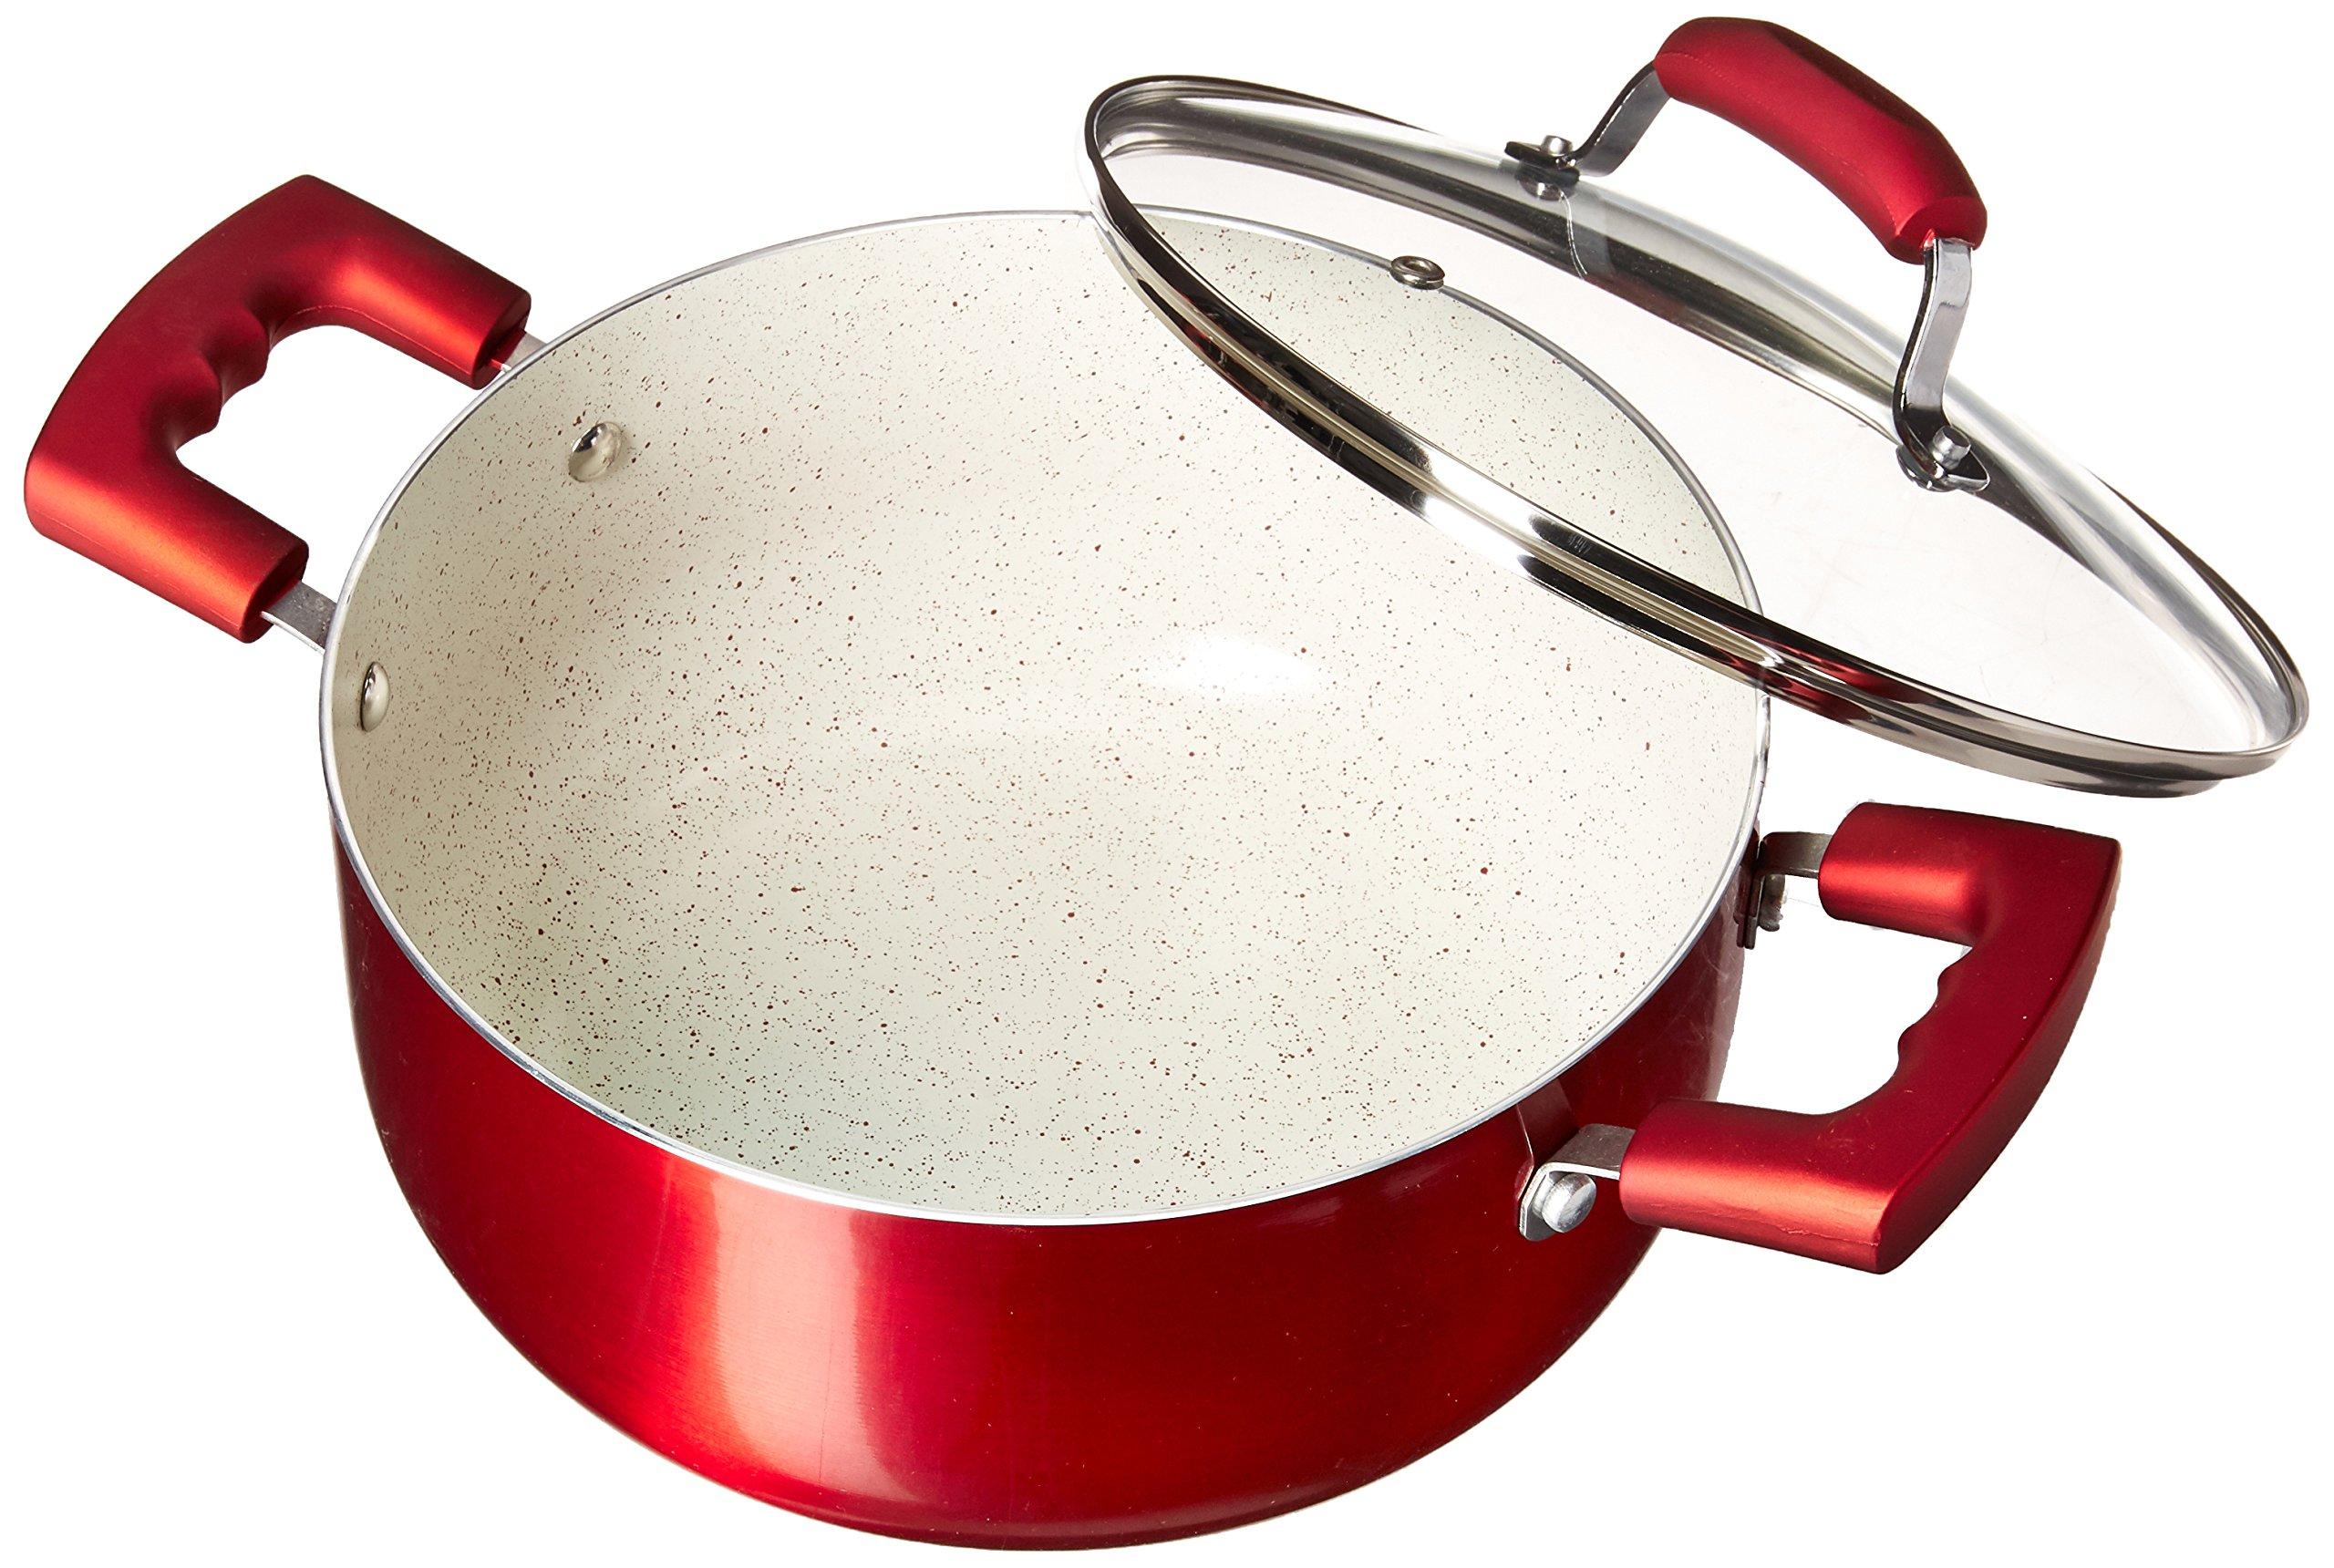 IMUSA USA IMU-25074 Dutch Oven 4.9-Quart, Ruby Red